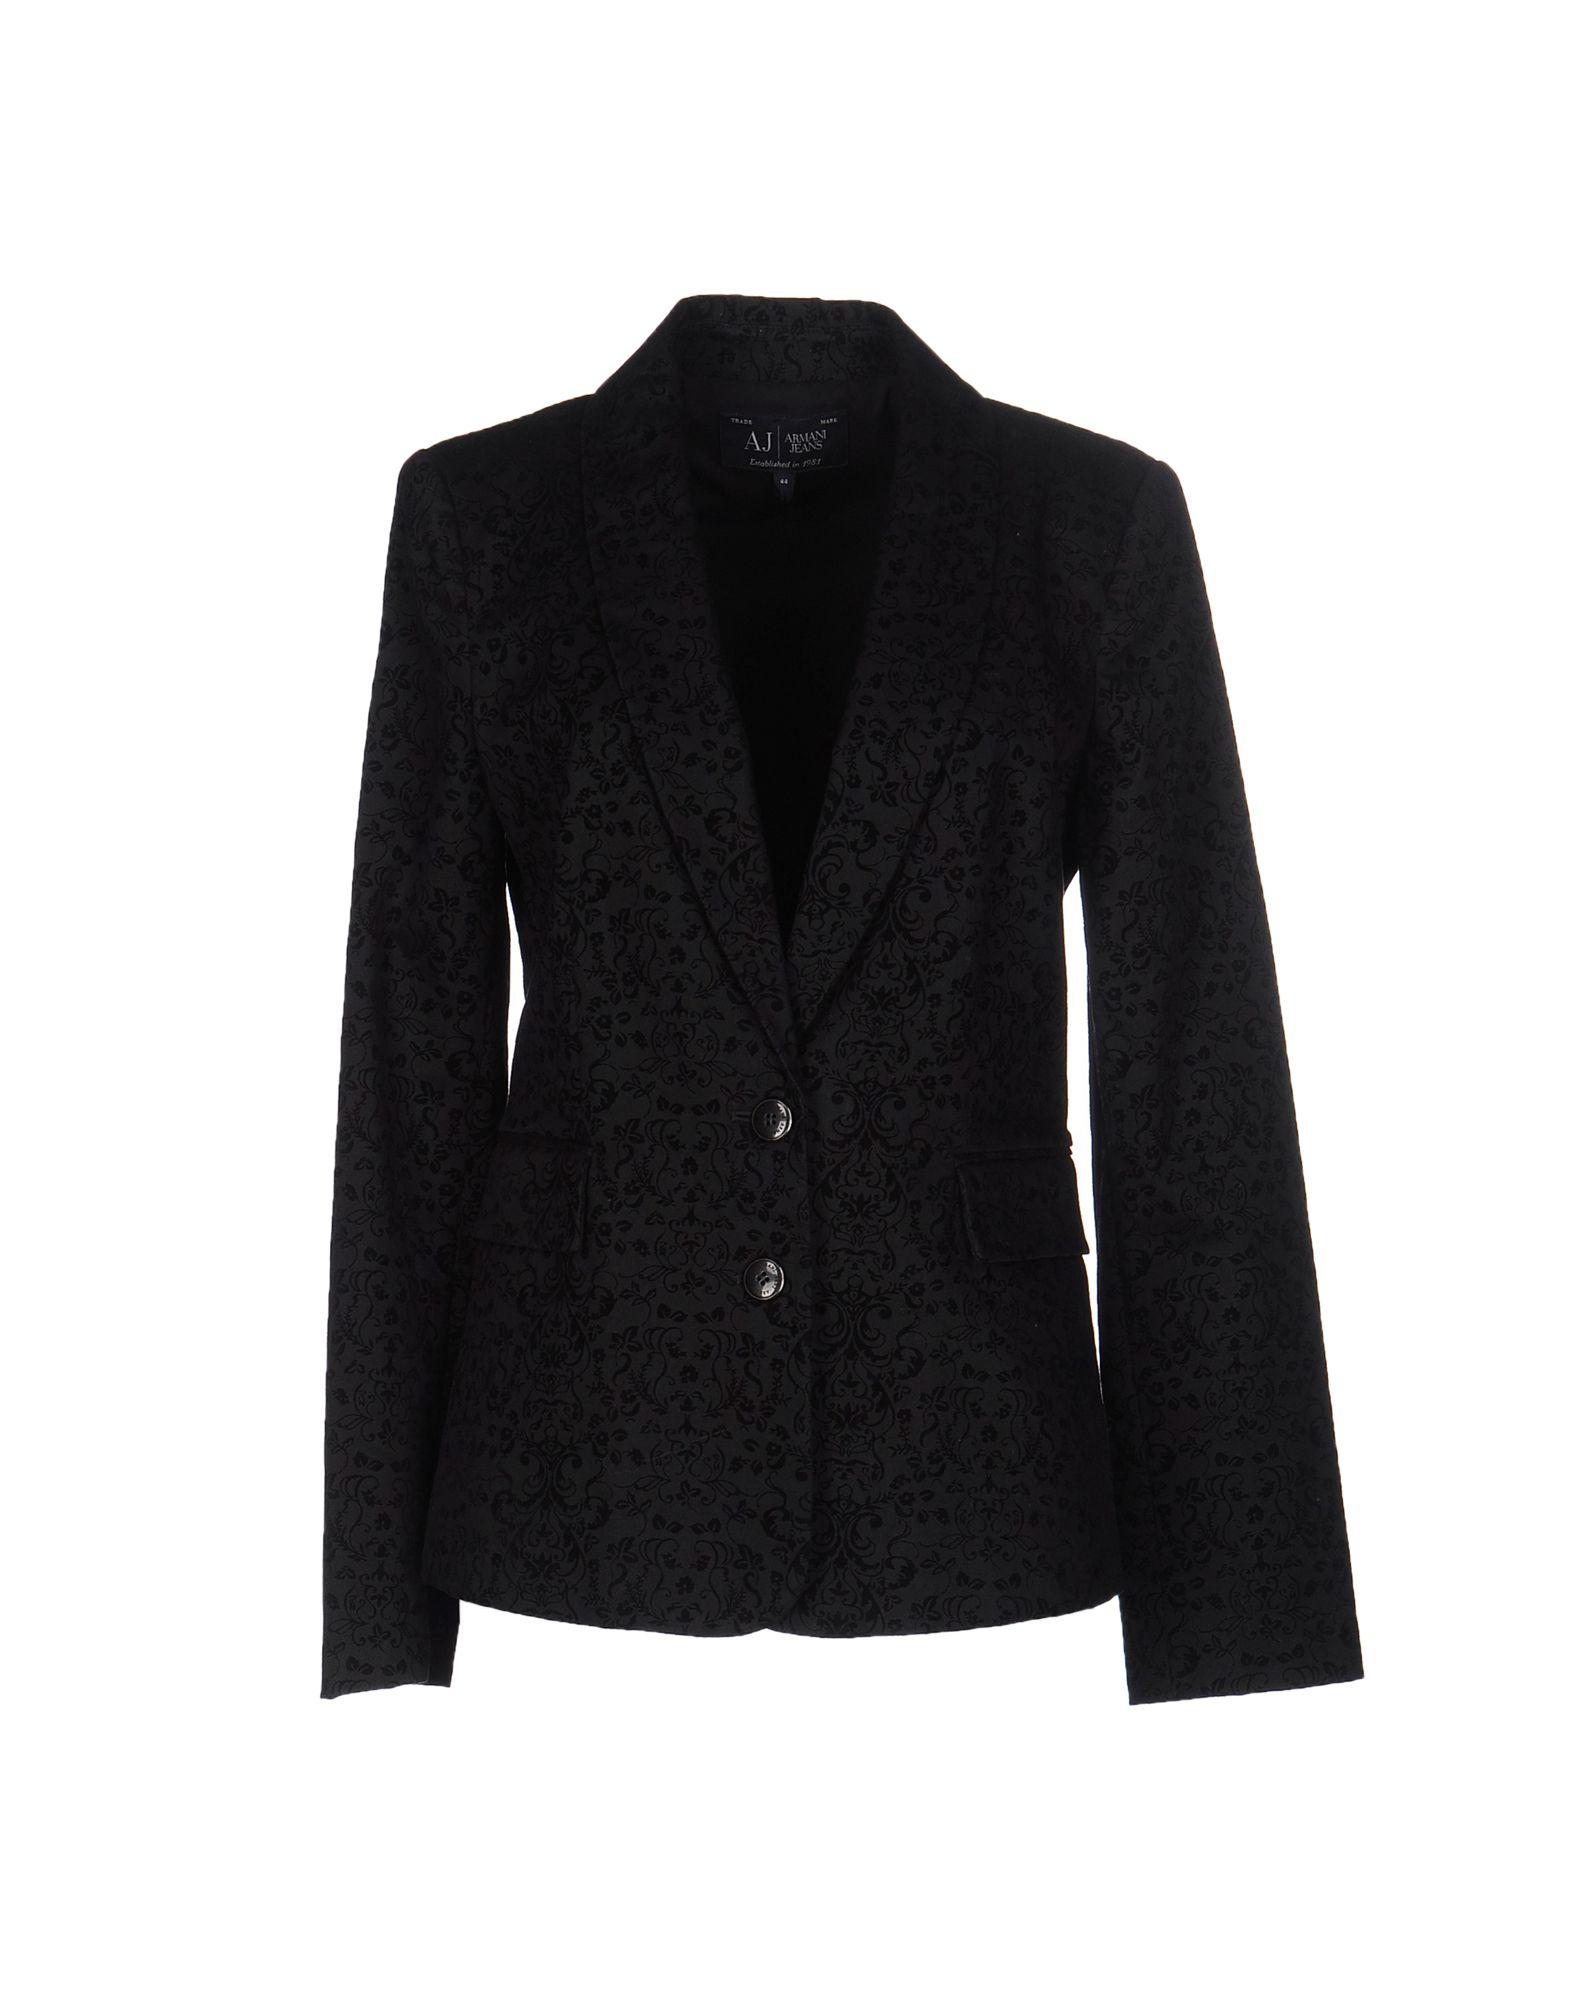 Giacca Armani Jeans damen - 49201700QR